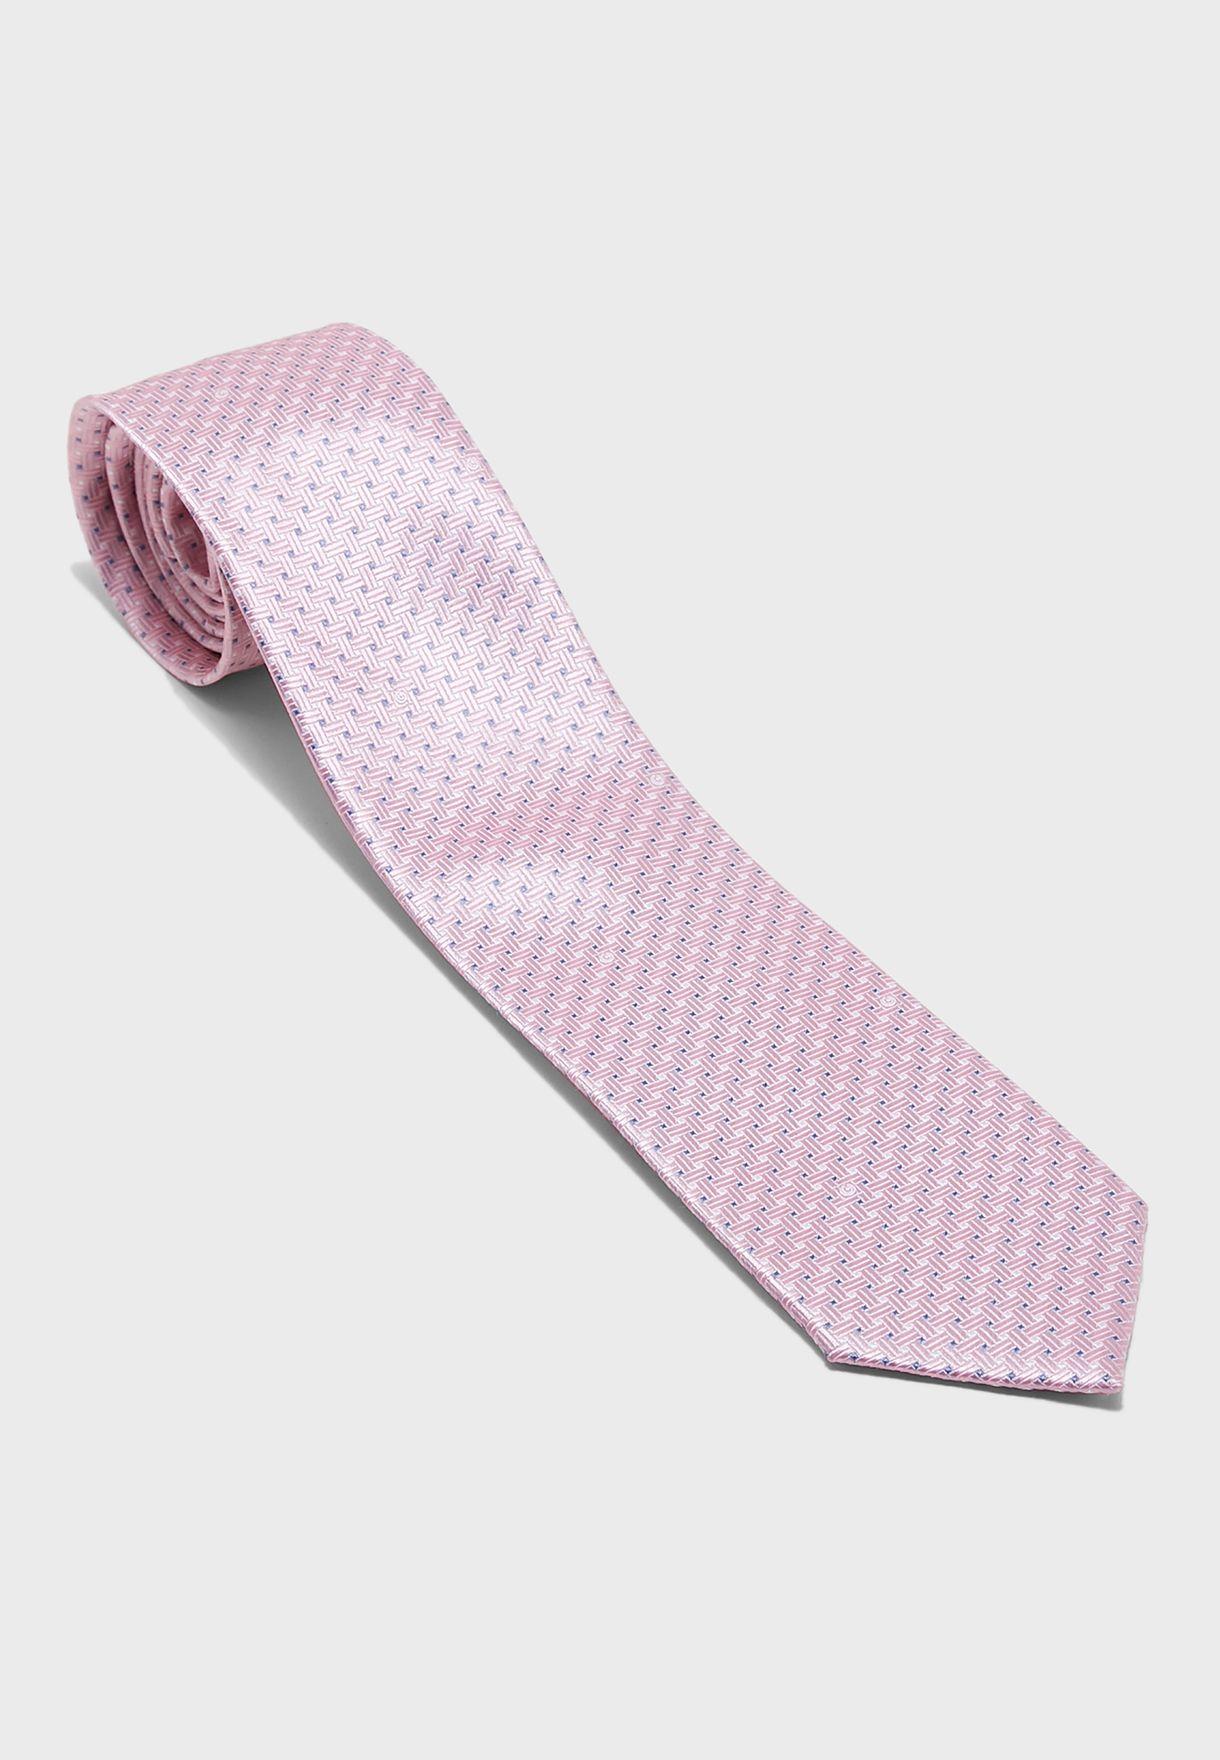 ربطة عنق حرير